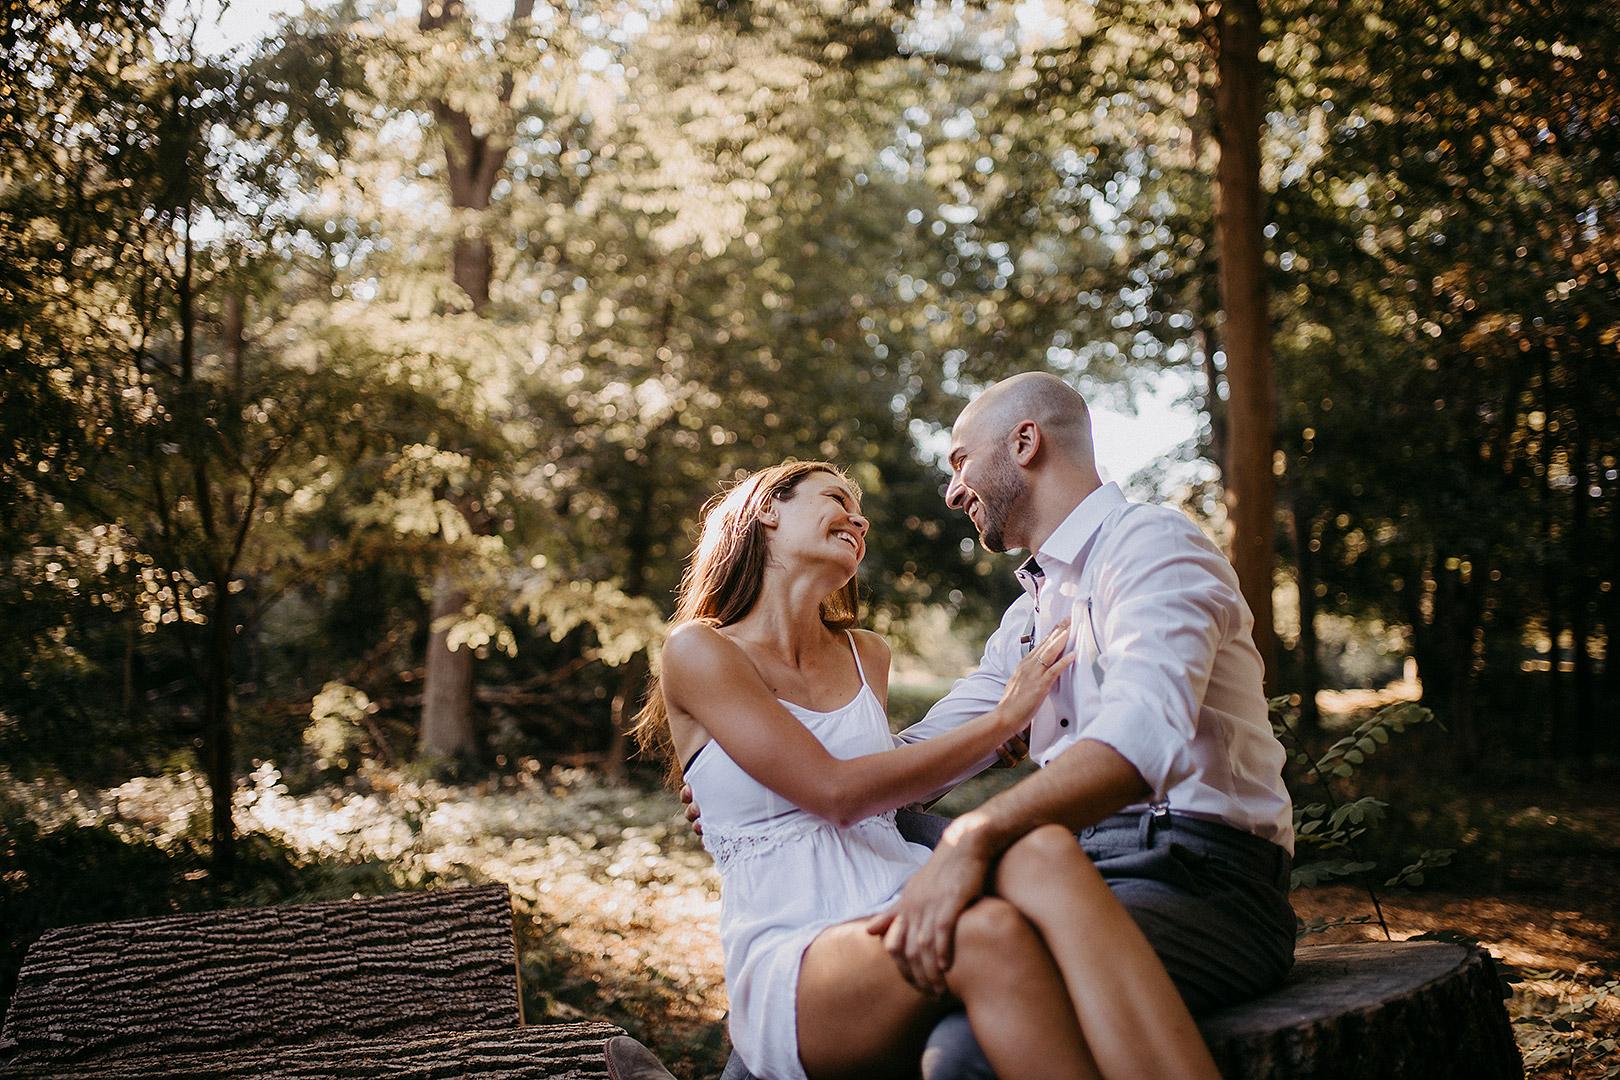 portrait_couple_micheleundfabio_3